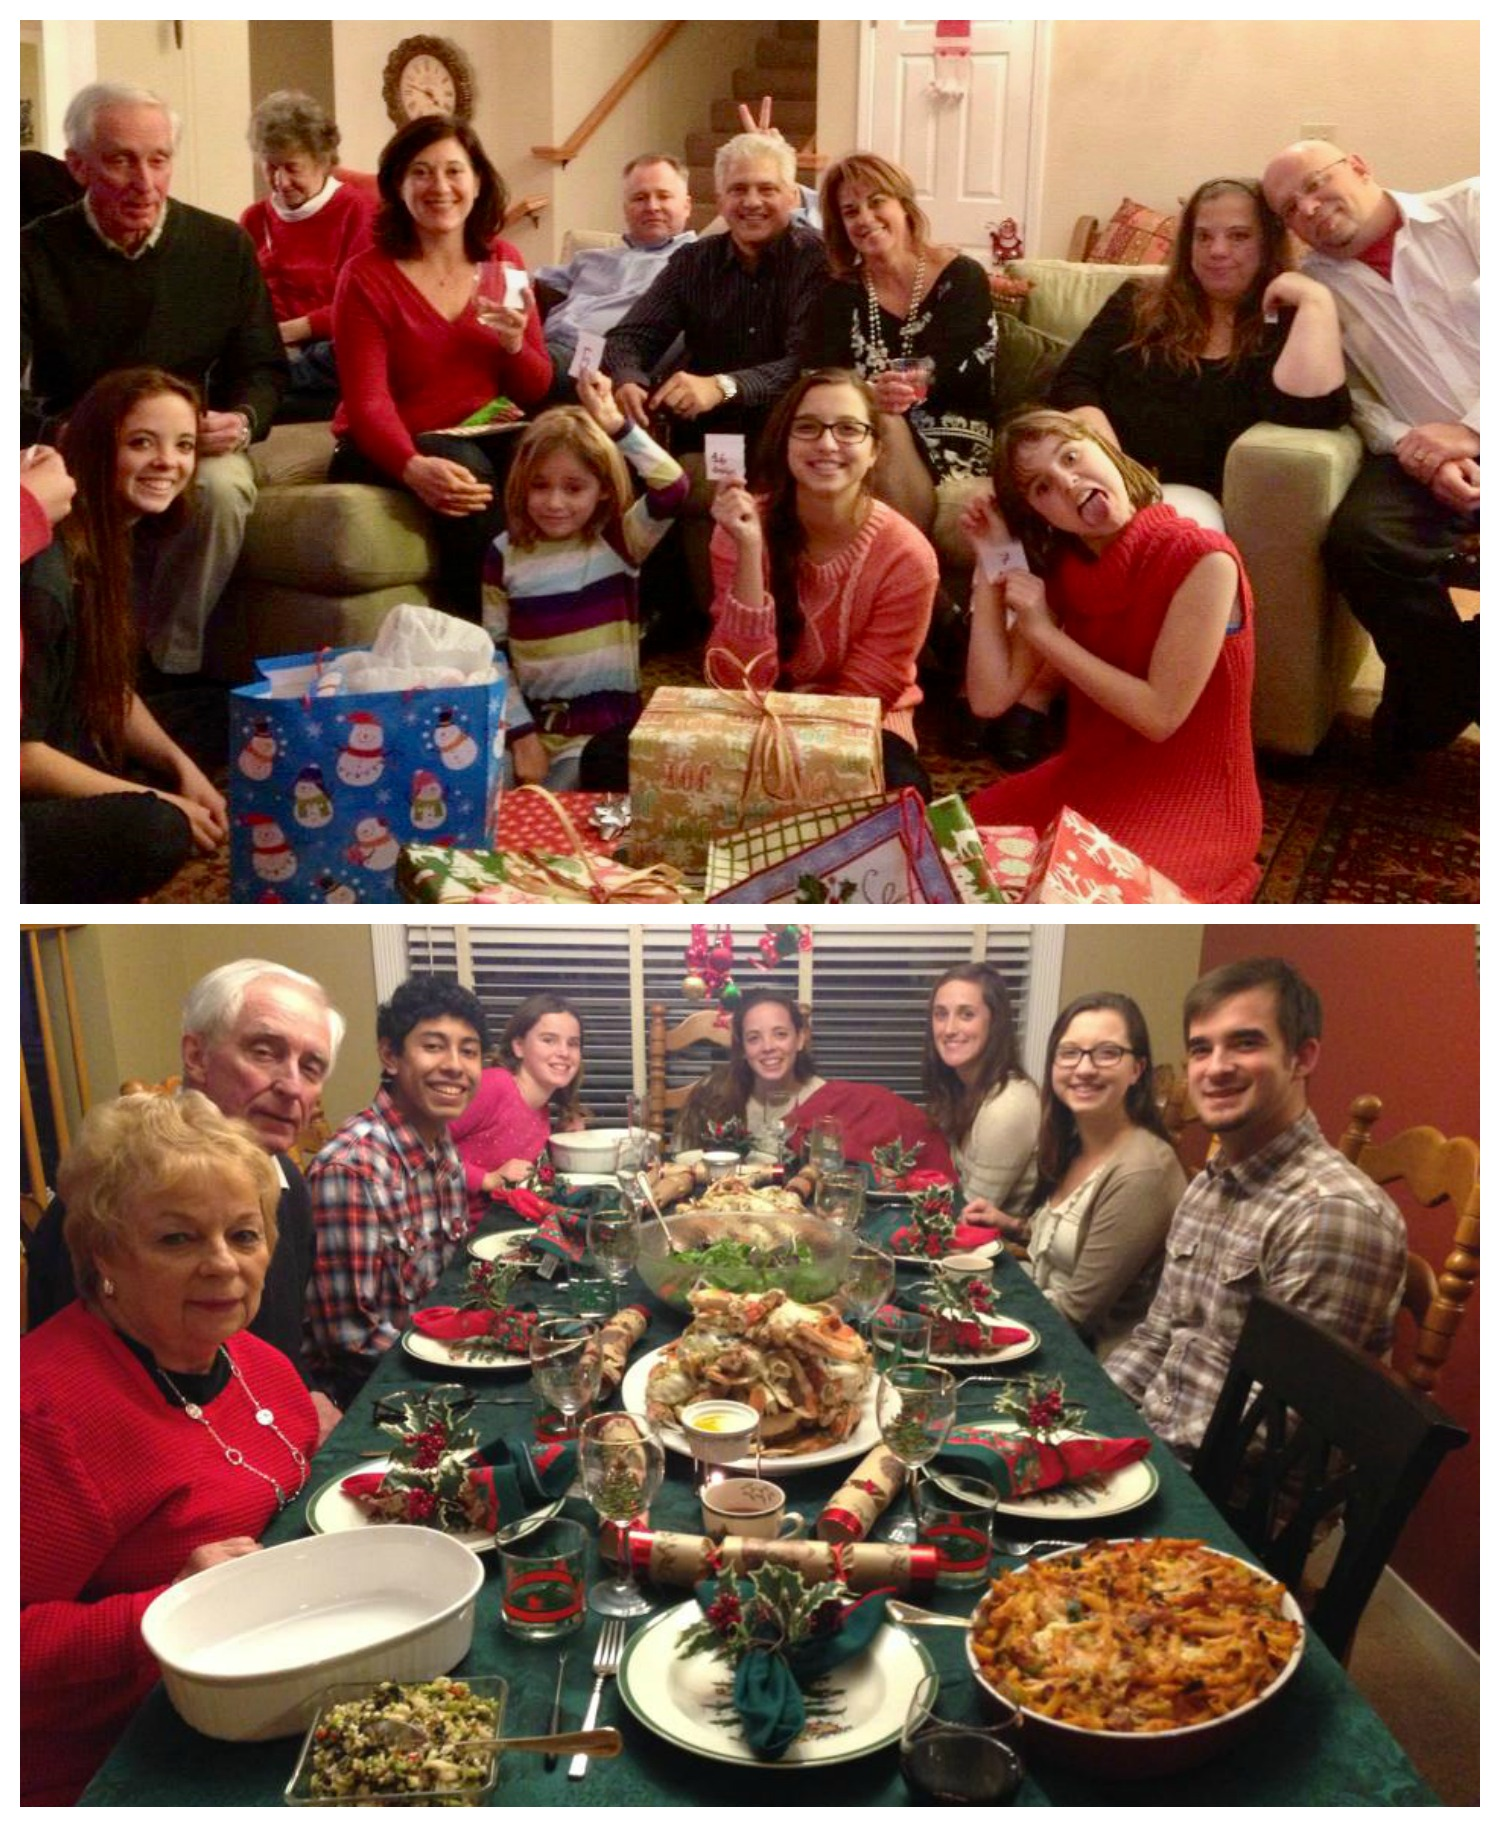 Family Holiday